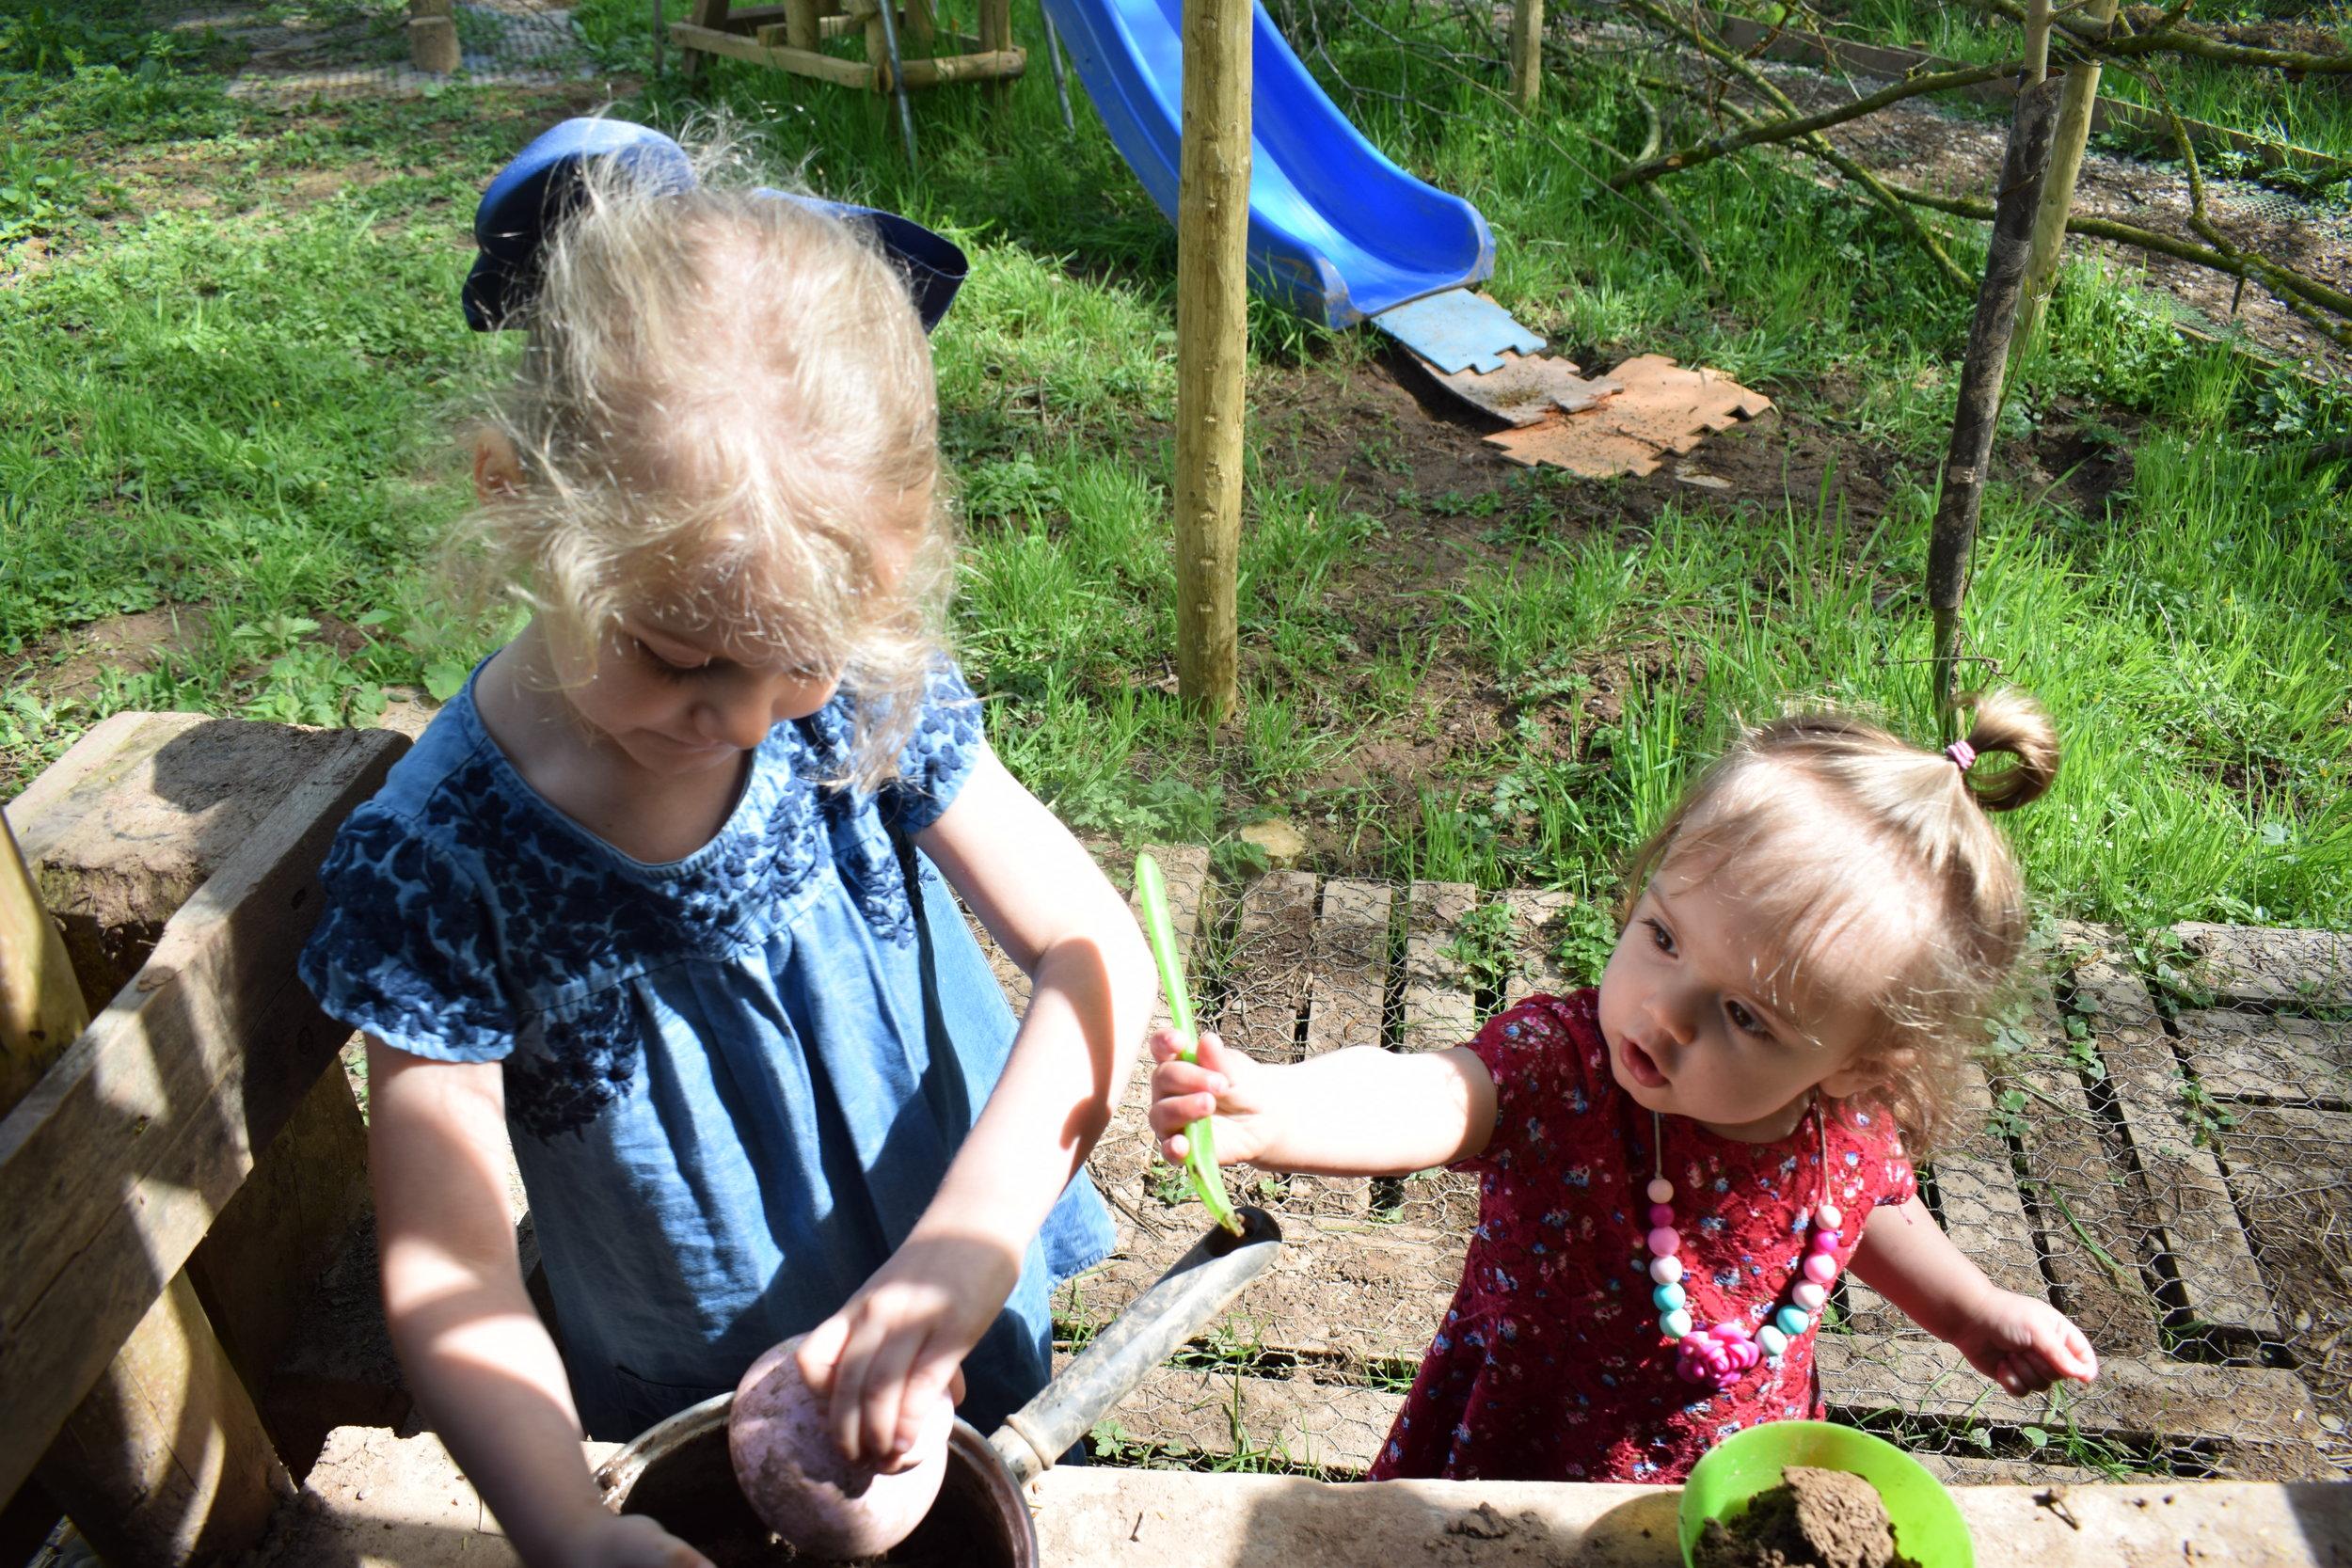 Stocks Wood Outdoor Center mud kitchen